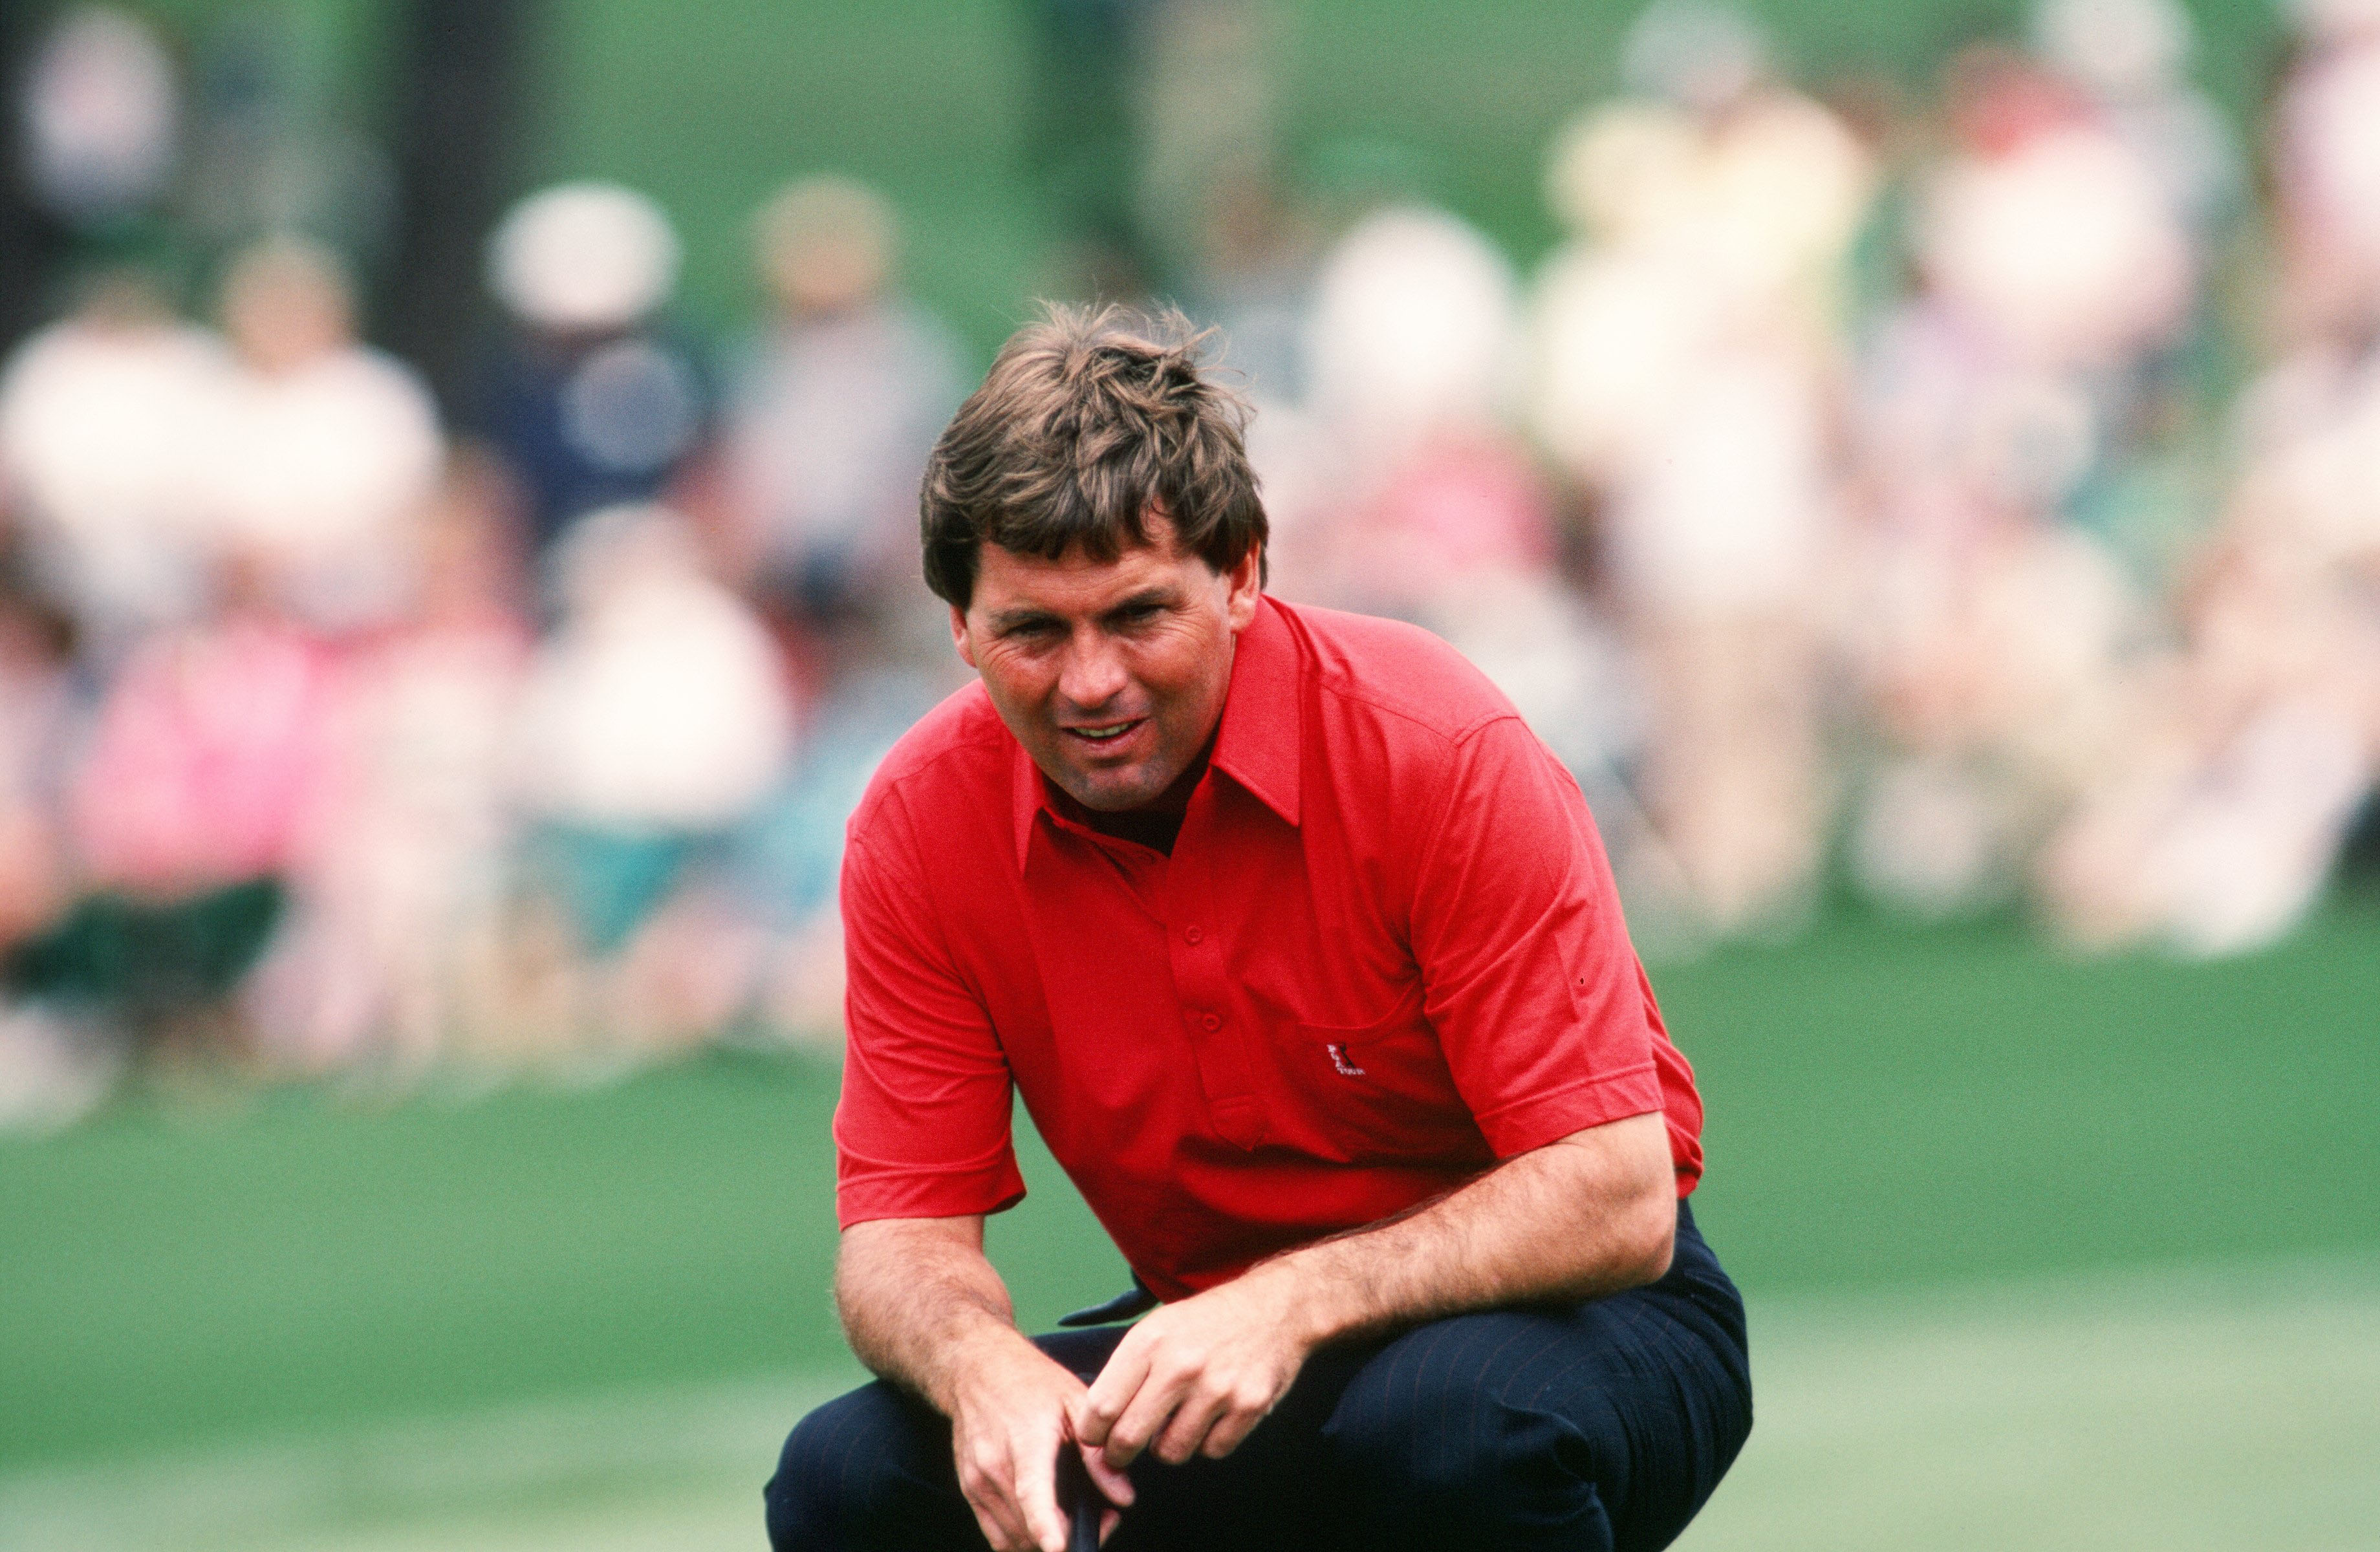 6. 1985: Lanny takes five